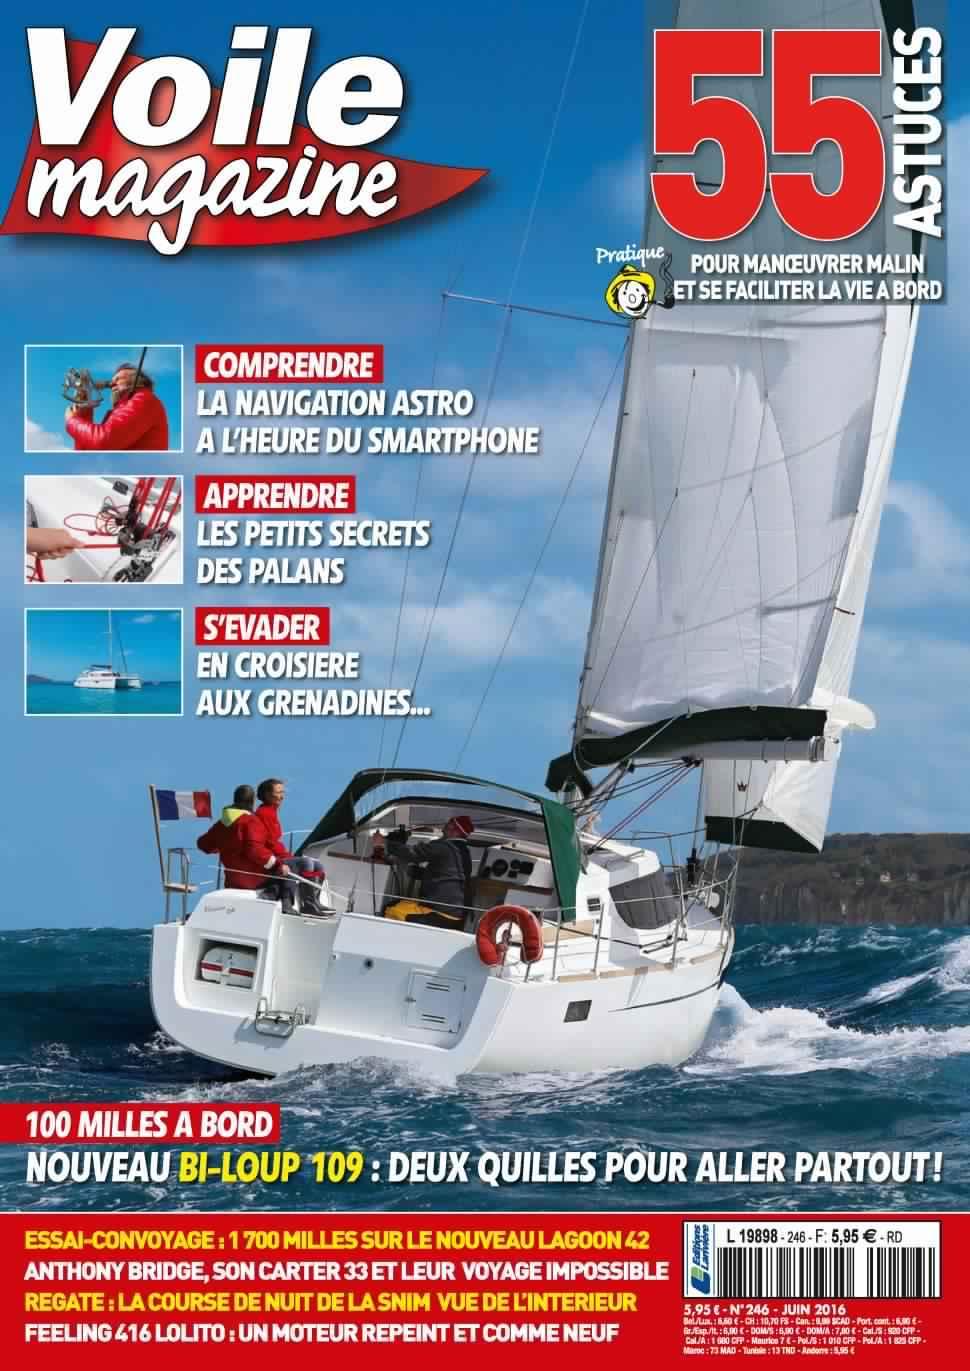 Voile magazine 246 - Juin 2016